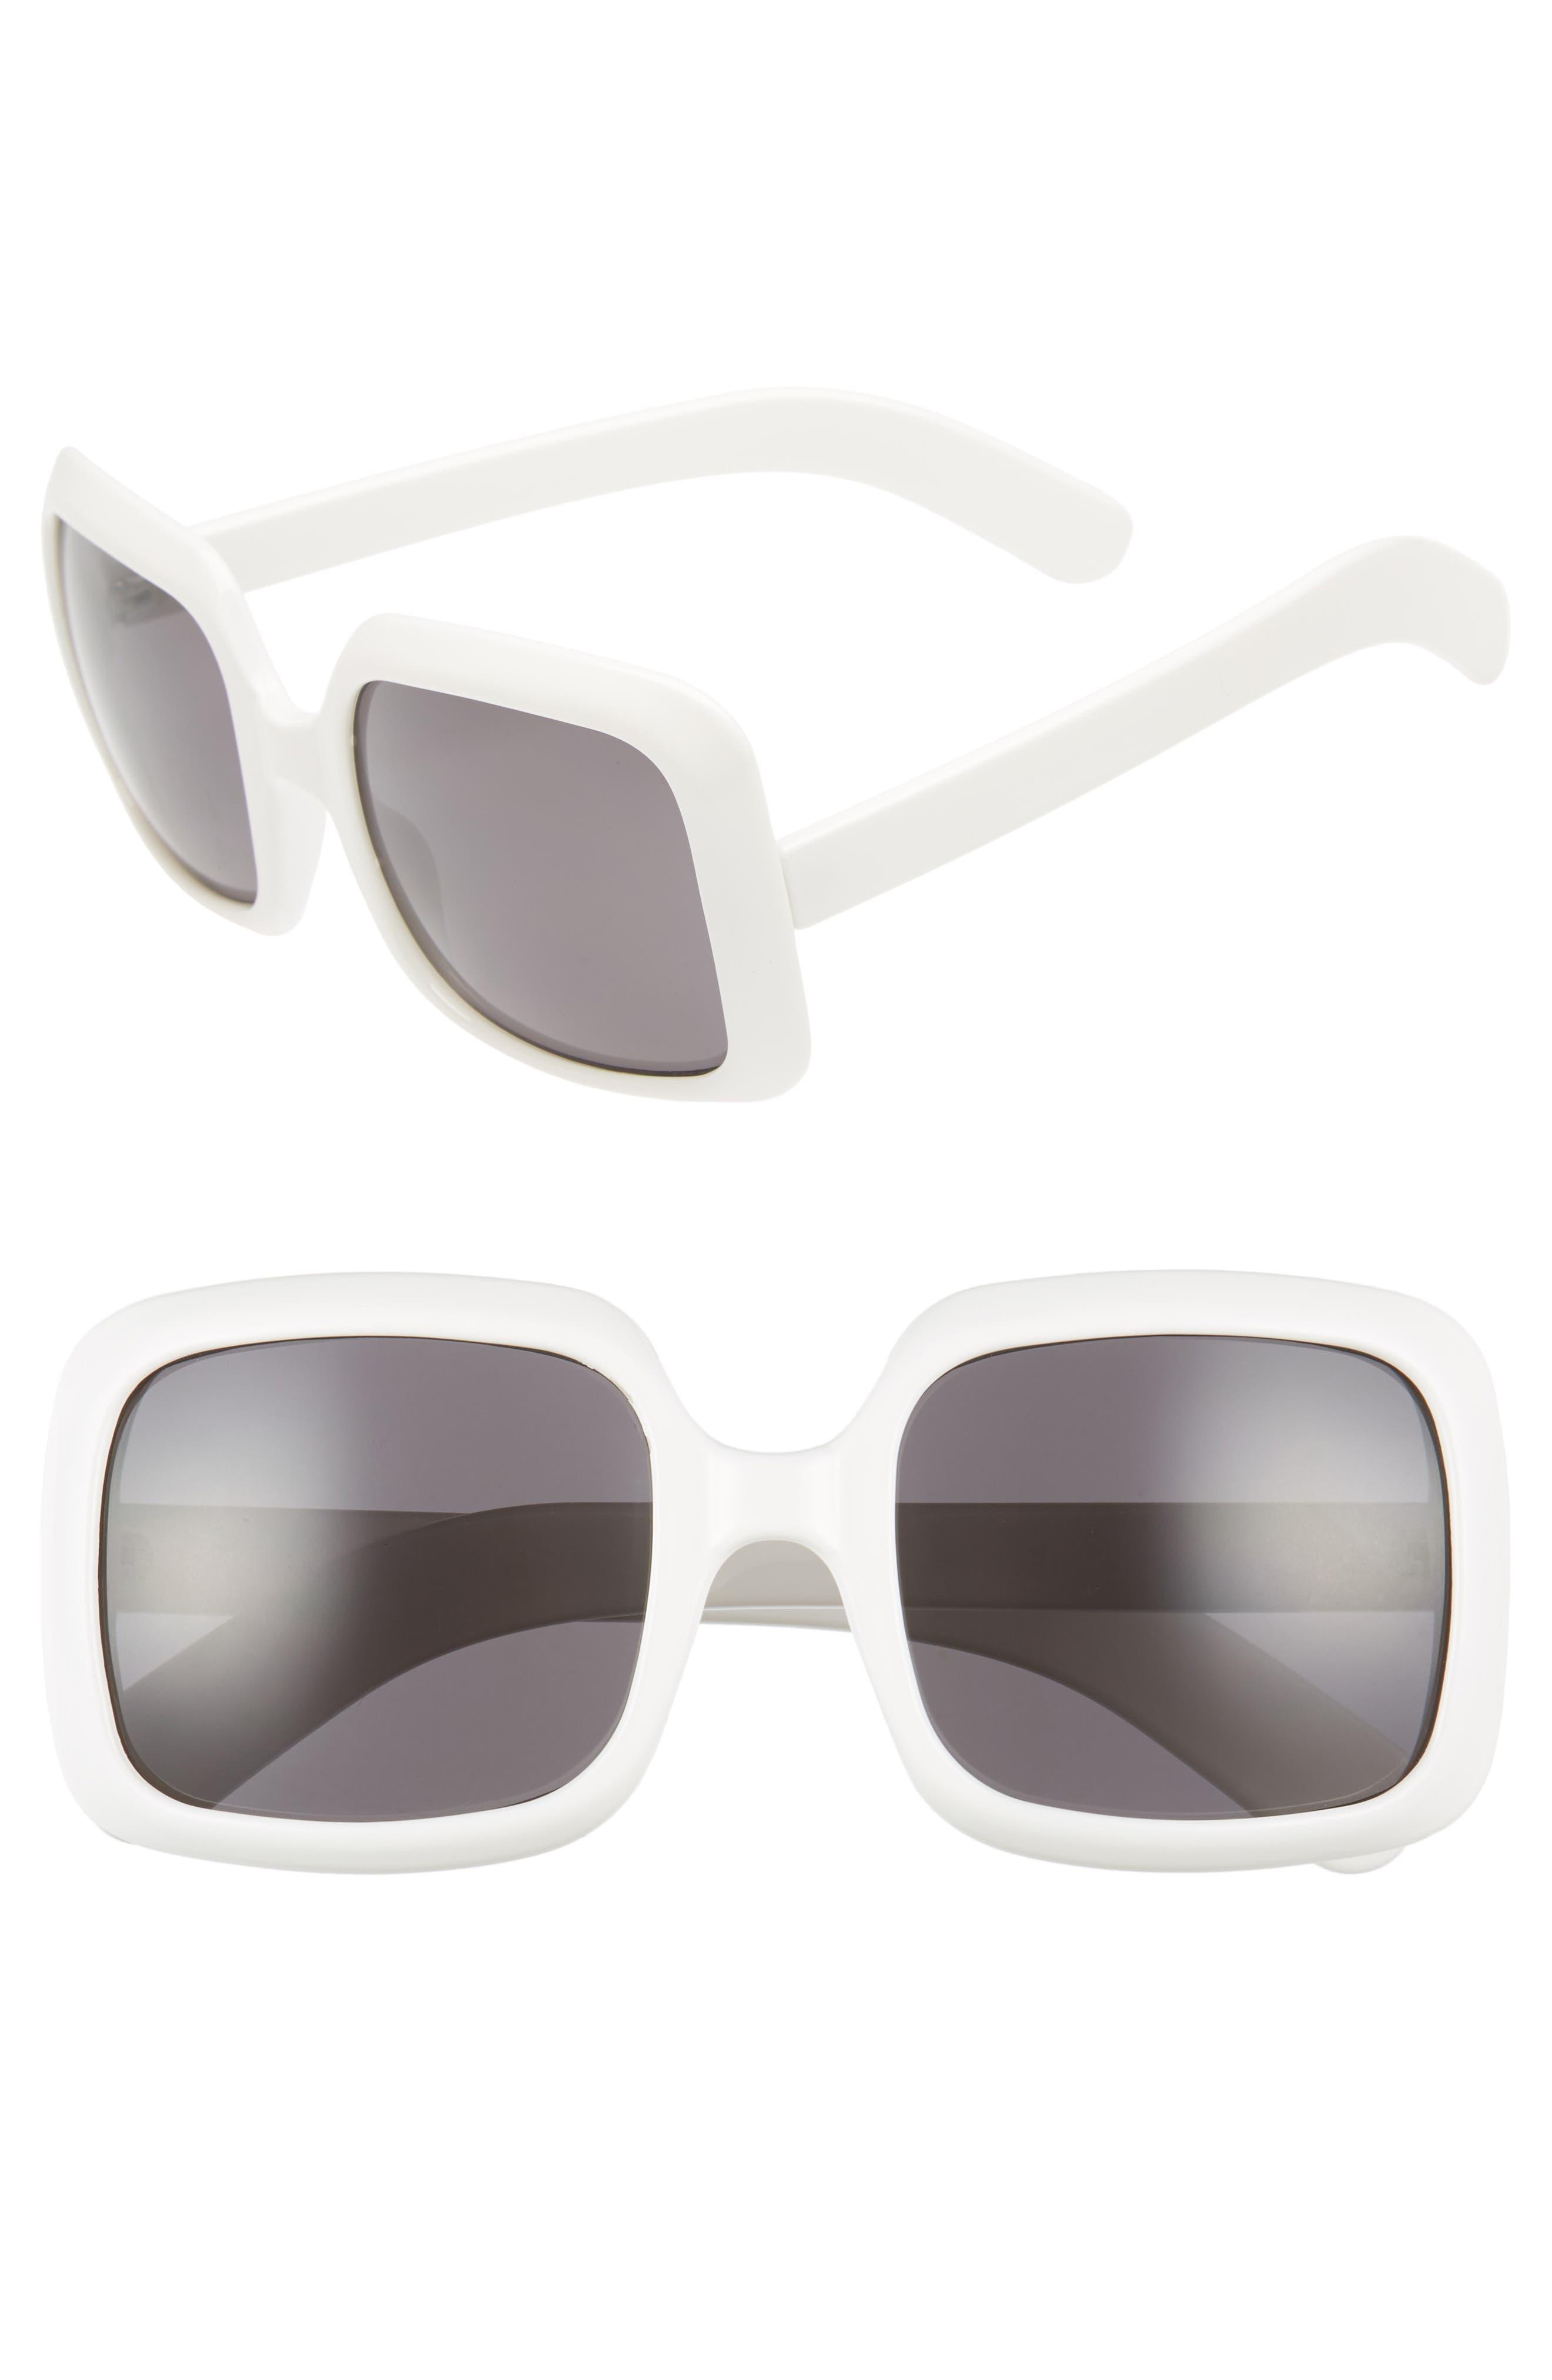 54mm Retro Square Sunglasses,                         Main,                         color, 100